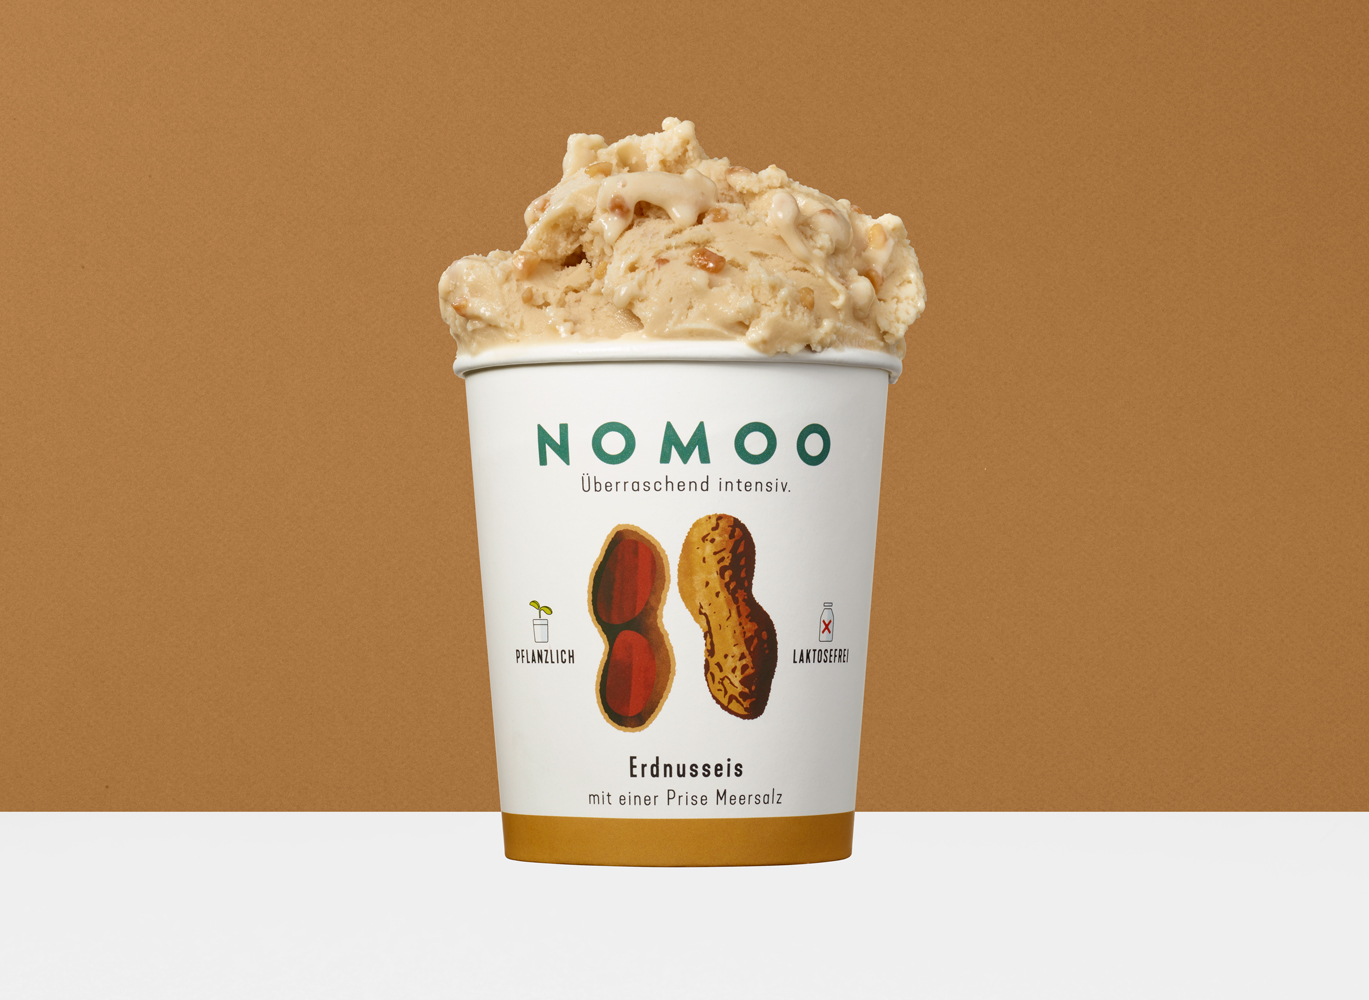 NOMOO-Erdnusseis-1369w-1000h-RGB-100P-500ml.jpg